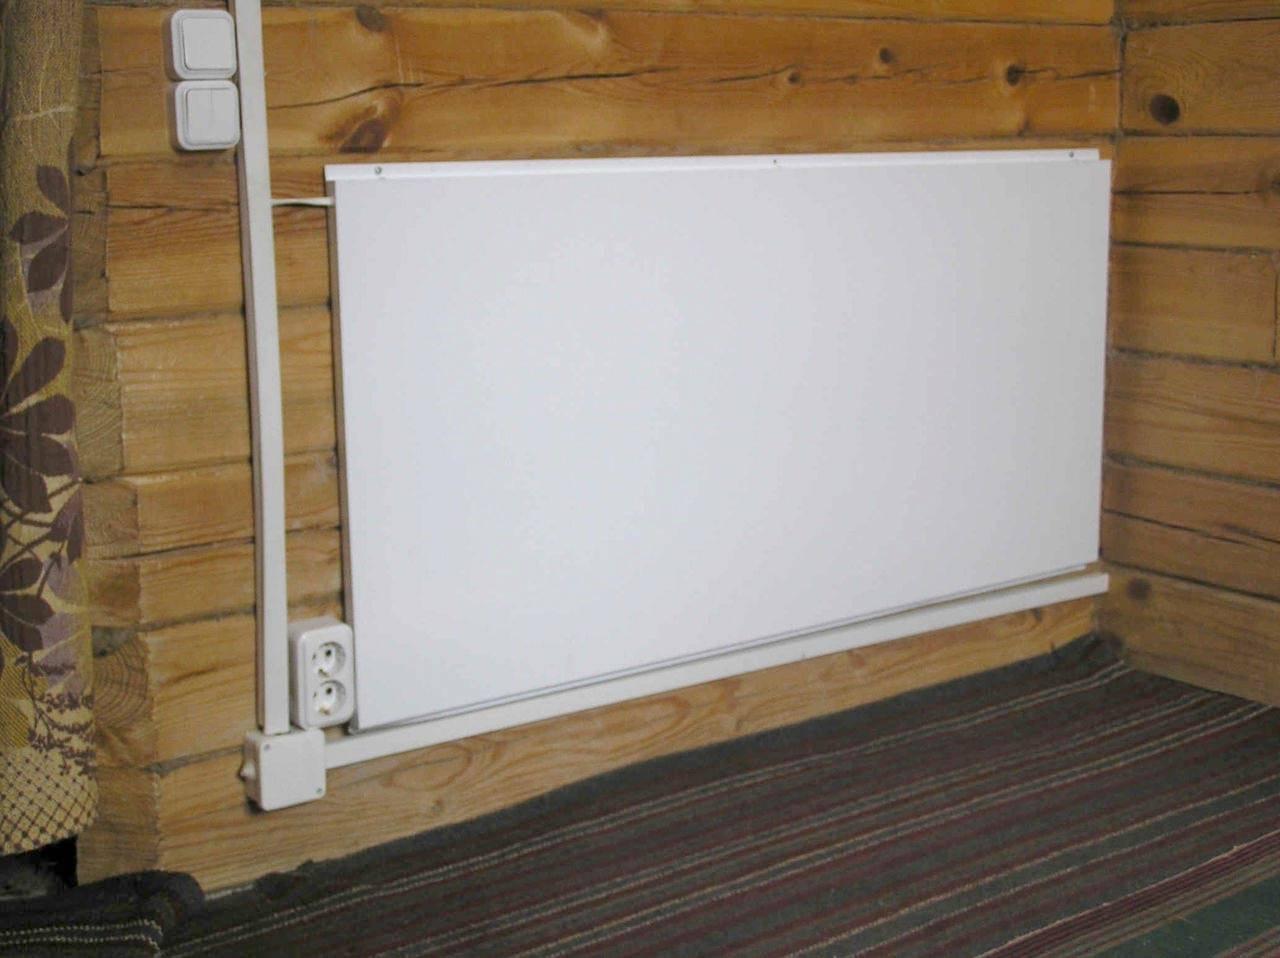 Инфракрасные панели отопления: принцип работы, подключение, плюсы и минусы